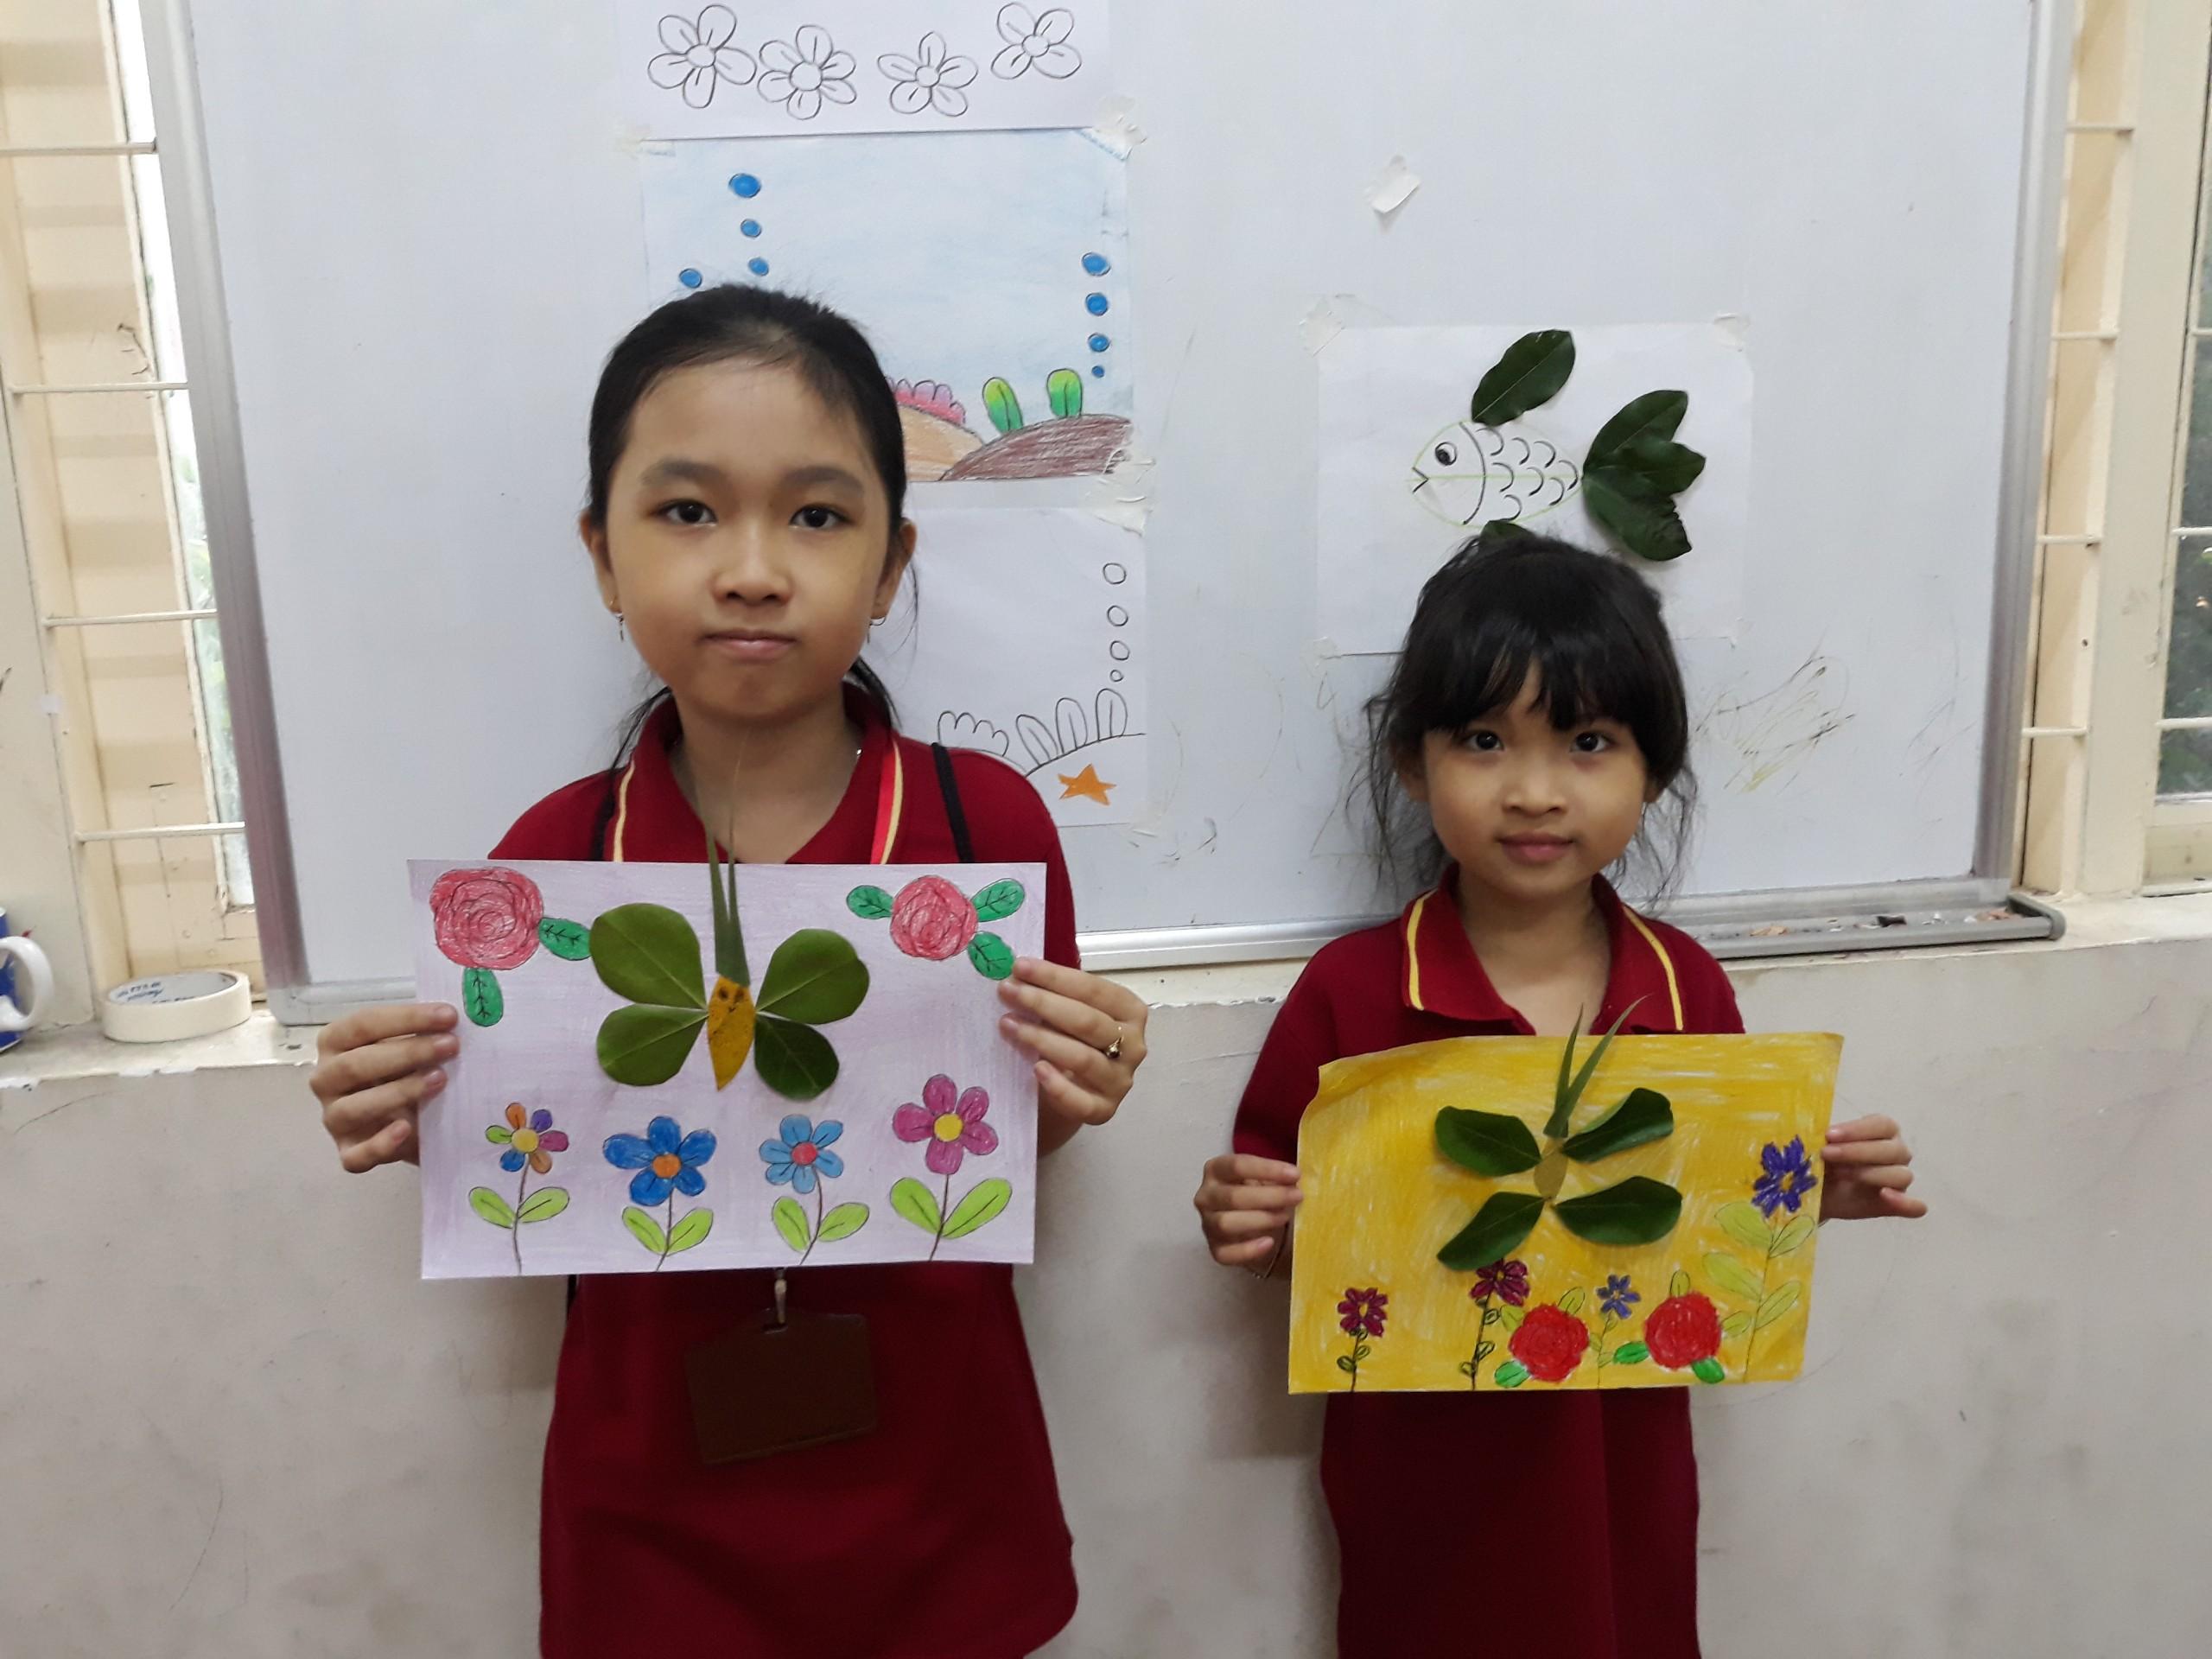 Đào tạo lớp họa sĩ nhí cho bé từ 4 tuổi